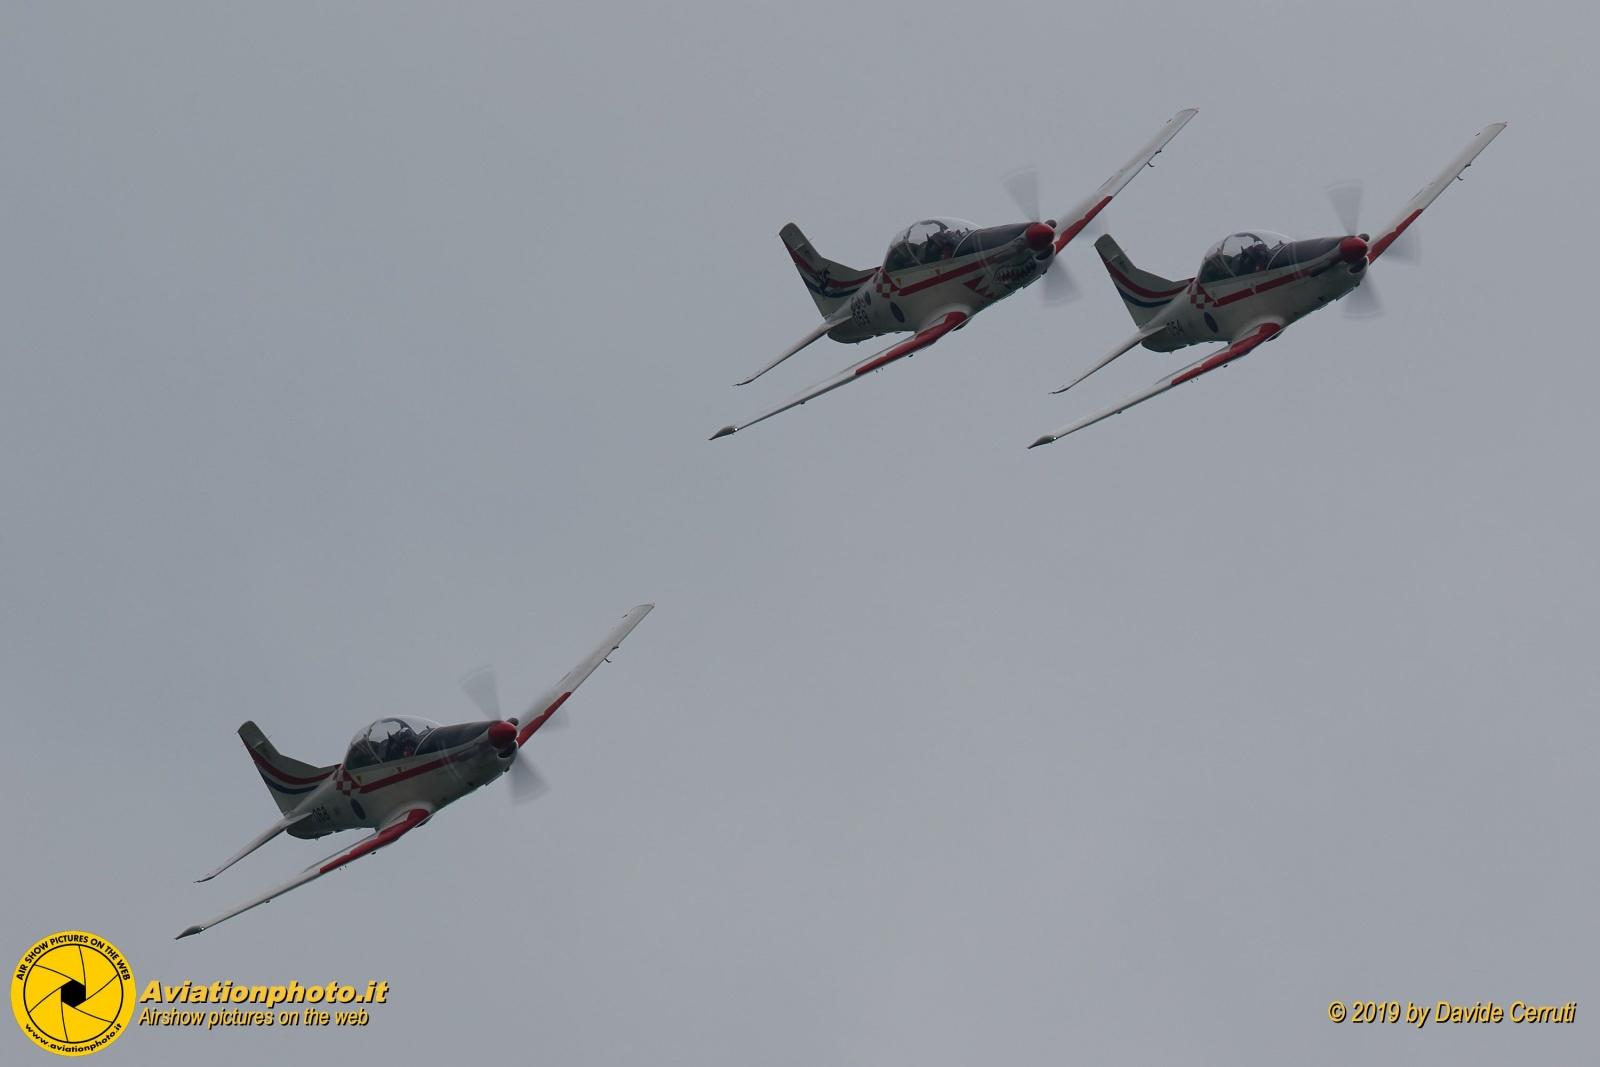 Airpower 19 - Zeltweg Air Base - Weekend Display